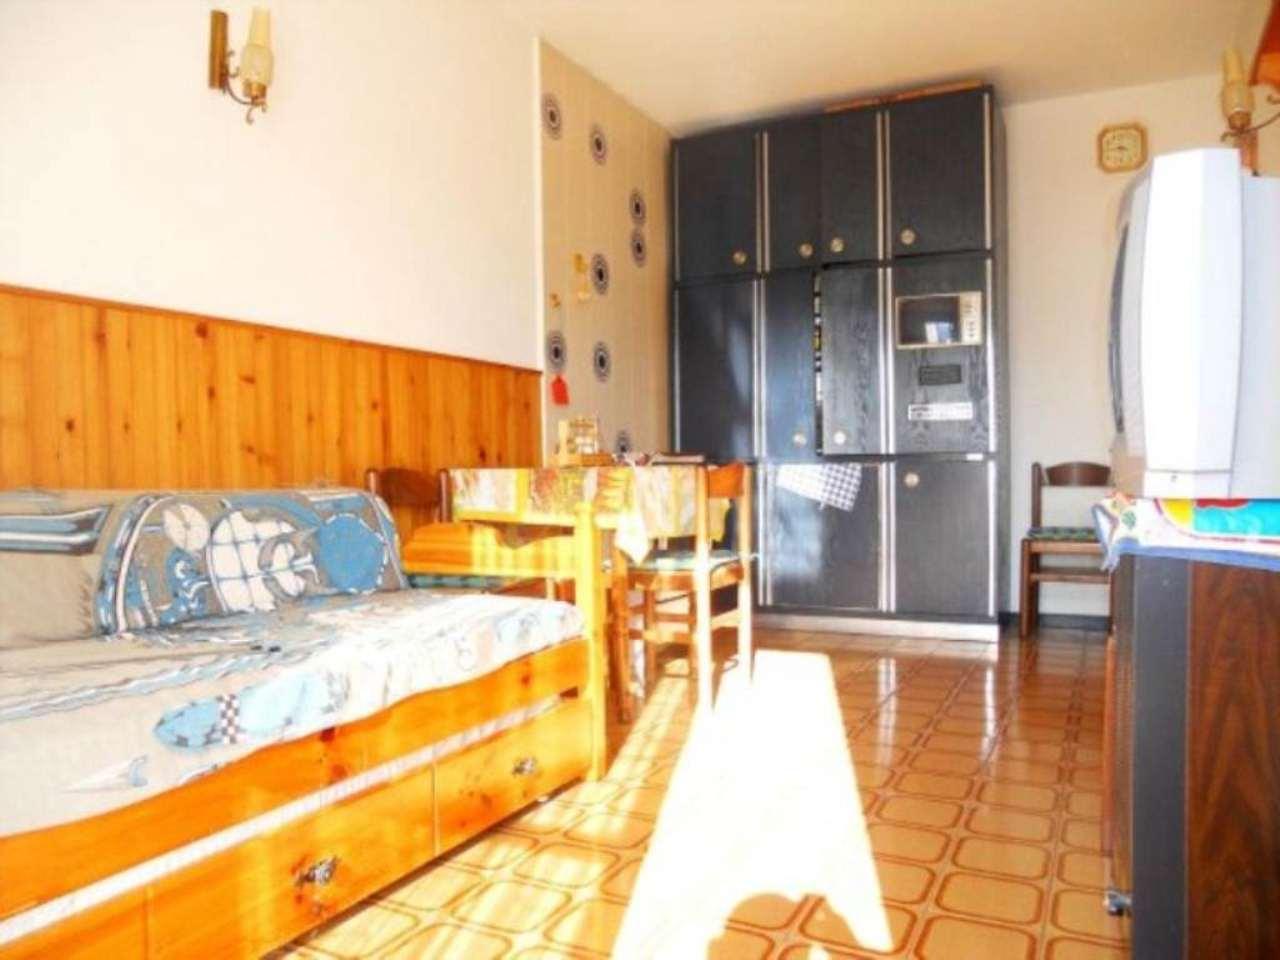 Appartamento in vendita a Moconesi, 3 locali, prezzo € 45.000 | Cambio Casa.it